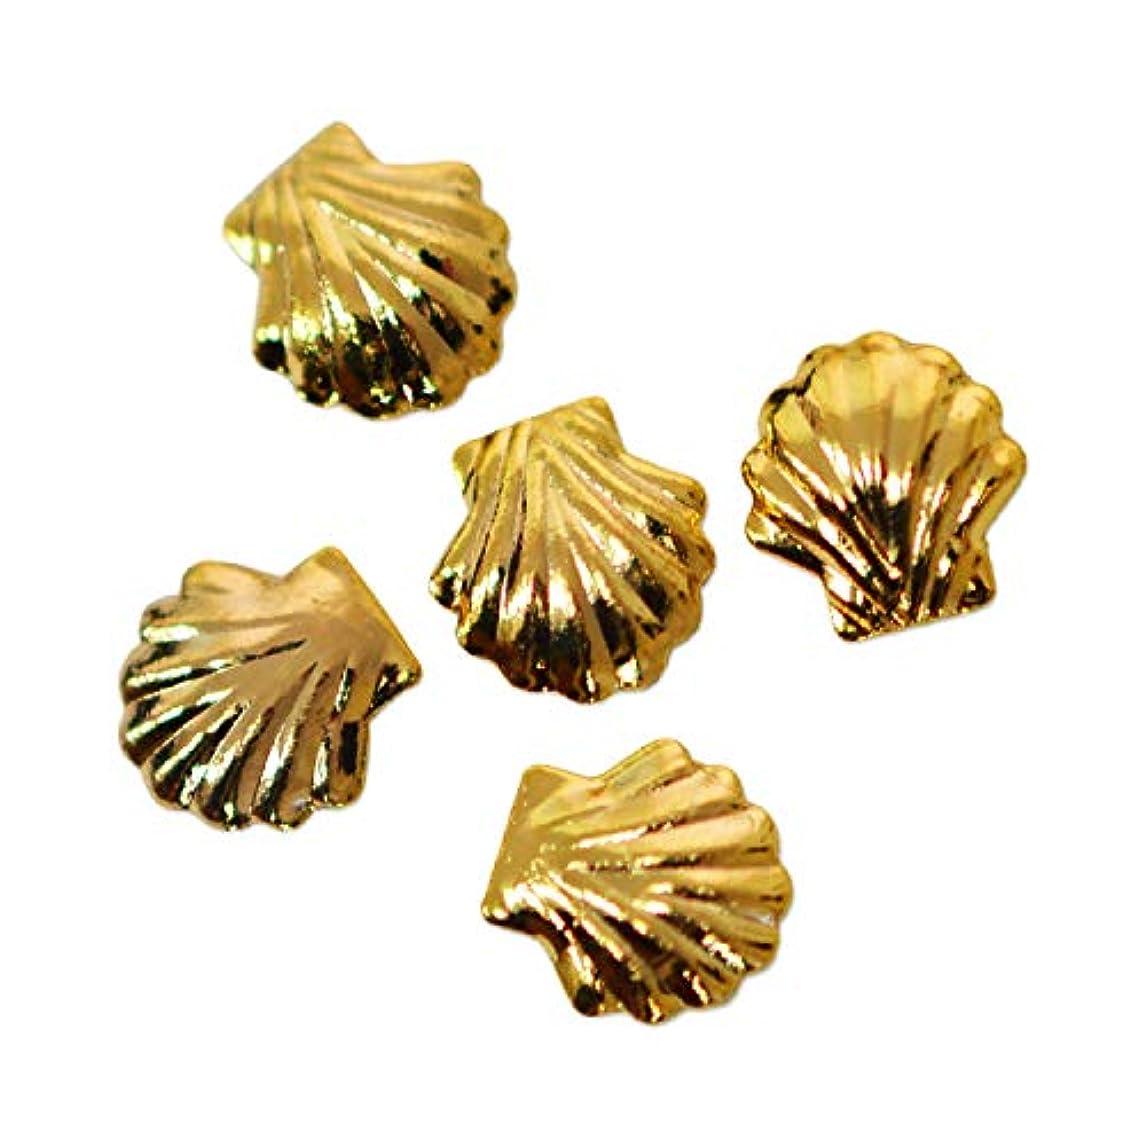 プラグマニアック夕食を食べるメタルパーツ シェル ゴールド 5ミリ 30粒 ネイルパーツ 貝殻 メタルシェル シェルメタル gold